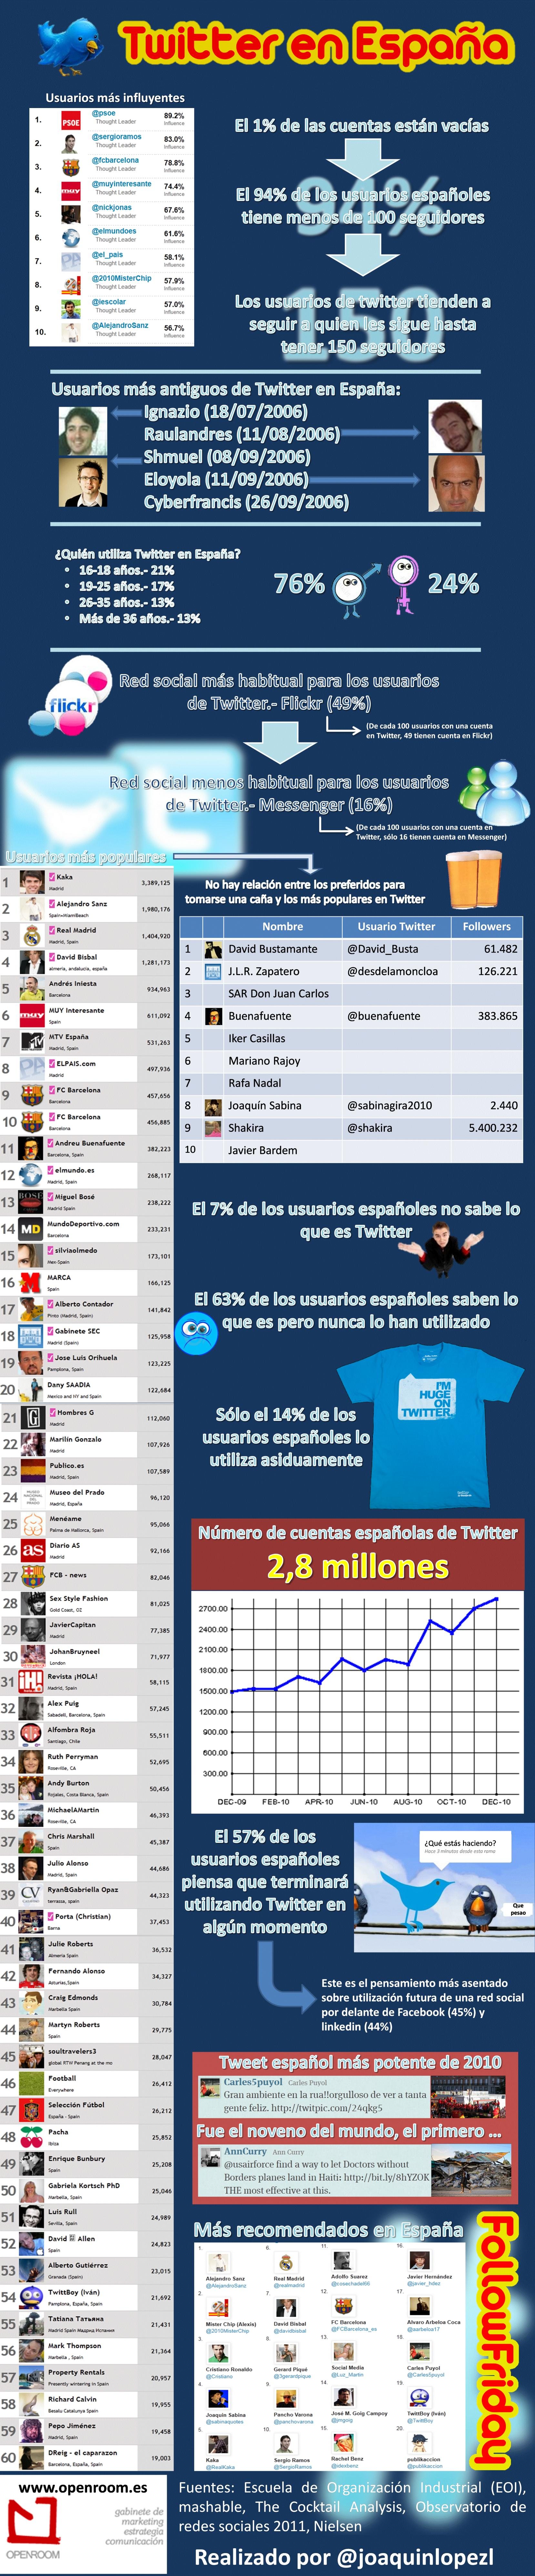 [Infografía] Datos y estadísticas acerca del uso de Twitter en España